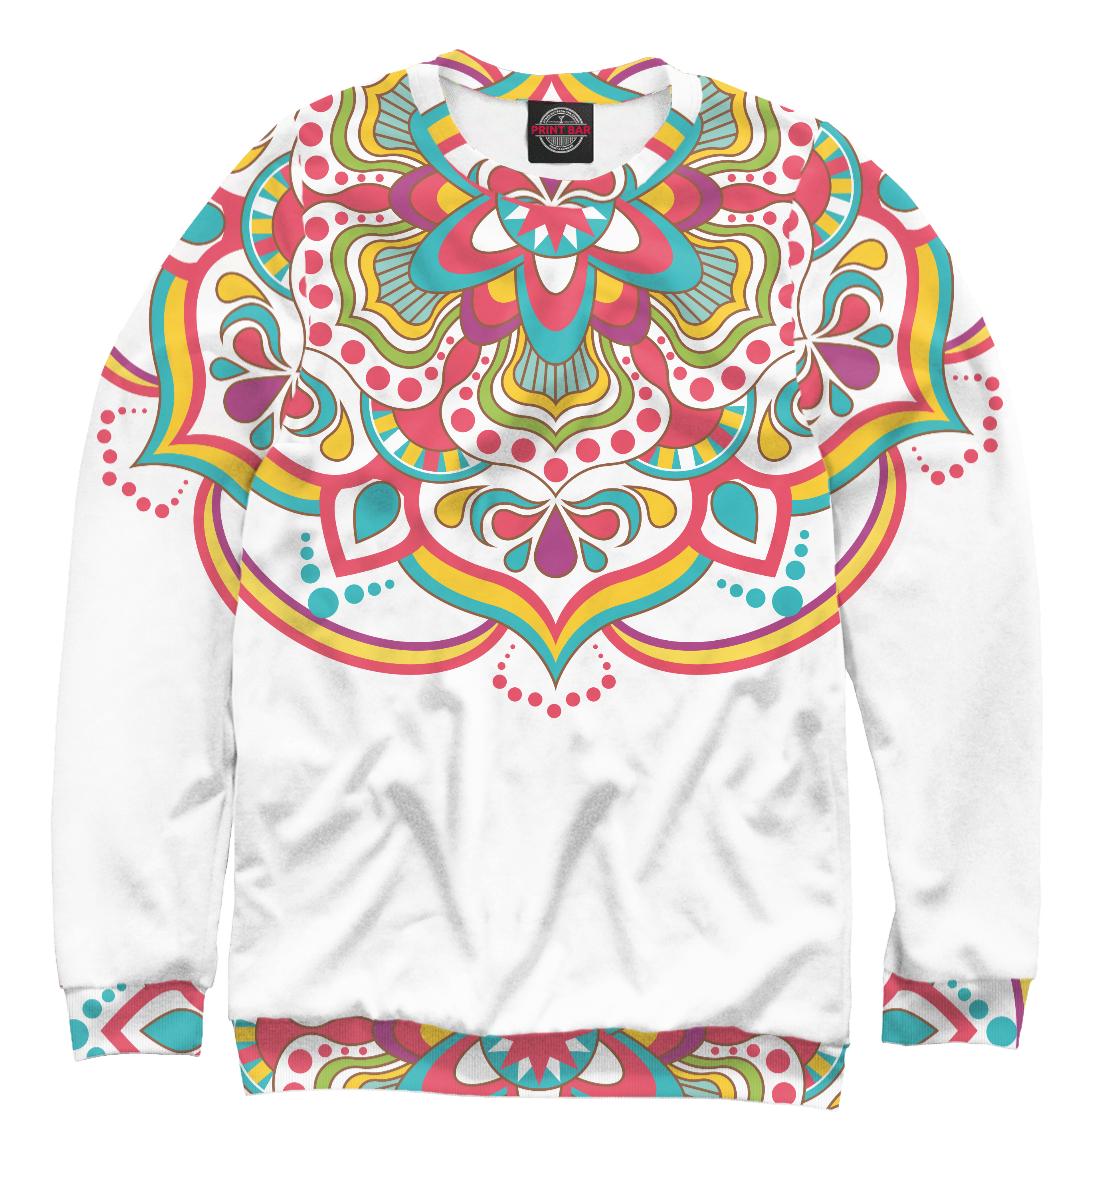 Купить Mandala, Printbar, Свитшоты, PSY-306881-swi-2